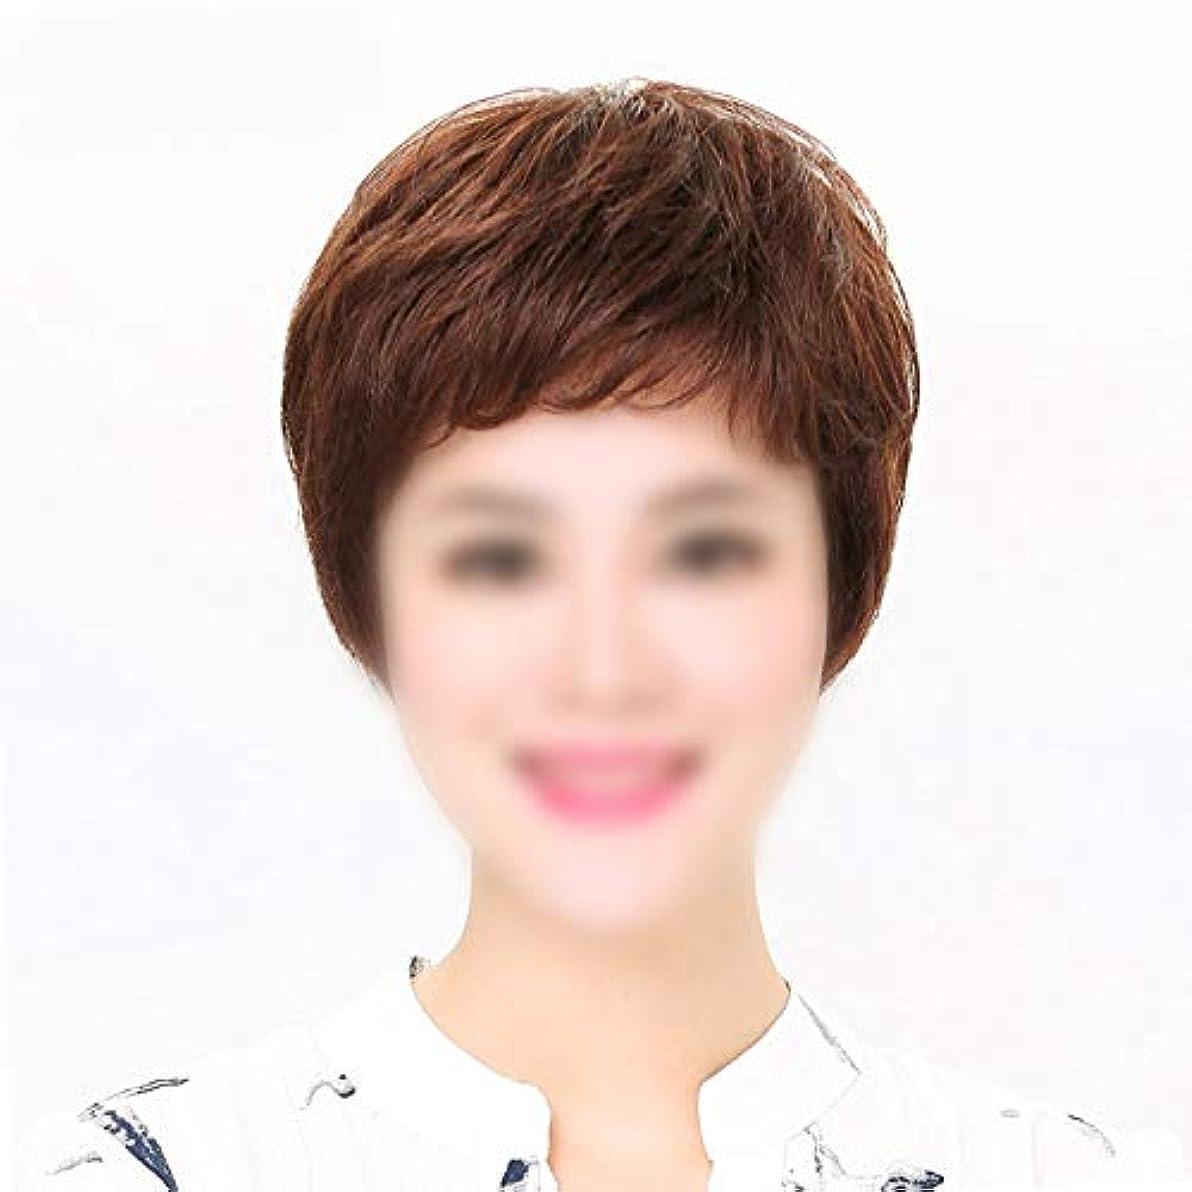 フェード病んでいる全体にYOUQIU ママデイリードレスウィッグかつら人間の自然なヘアエクステンションショートストレートヘアー (色 : Dark brown, サイズ : Mechanism)